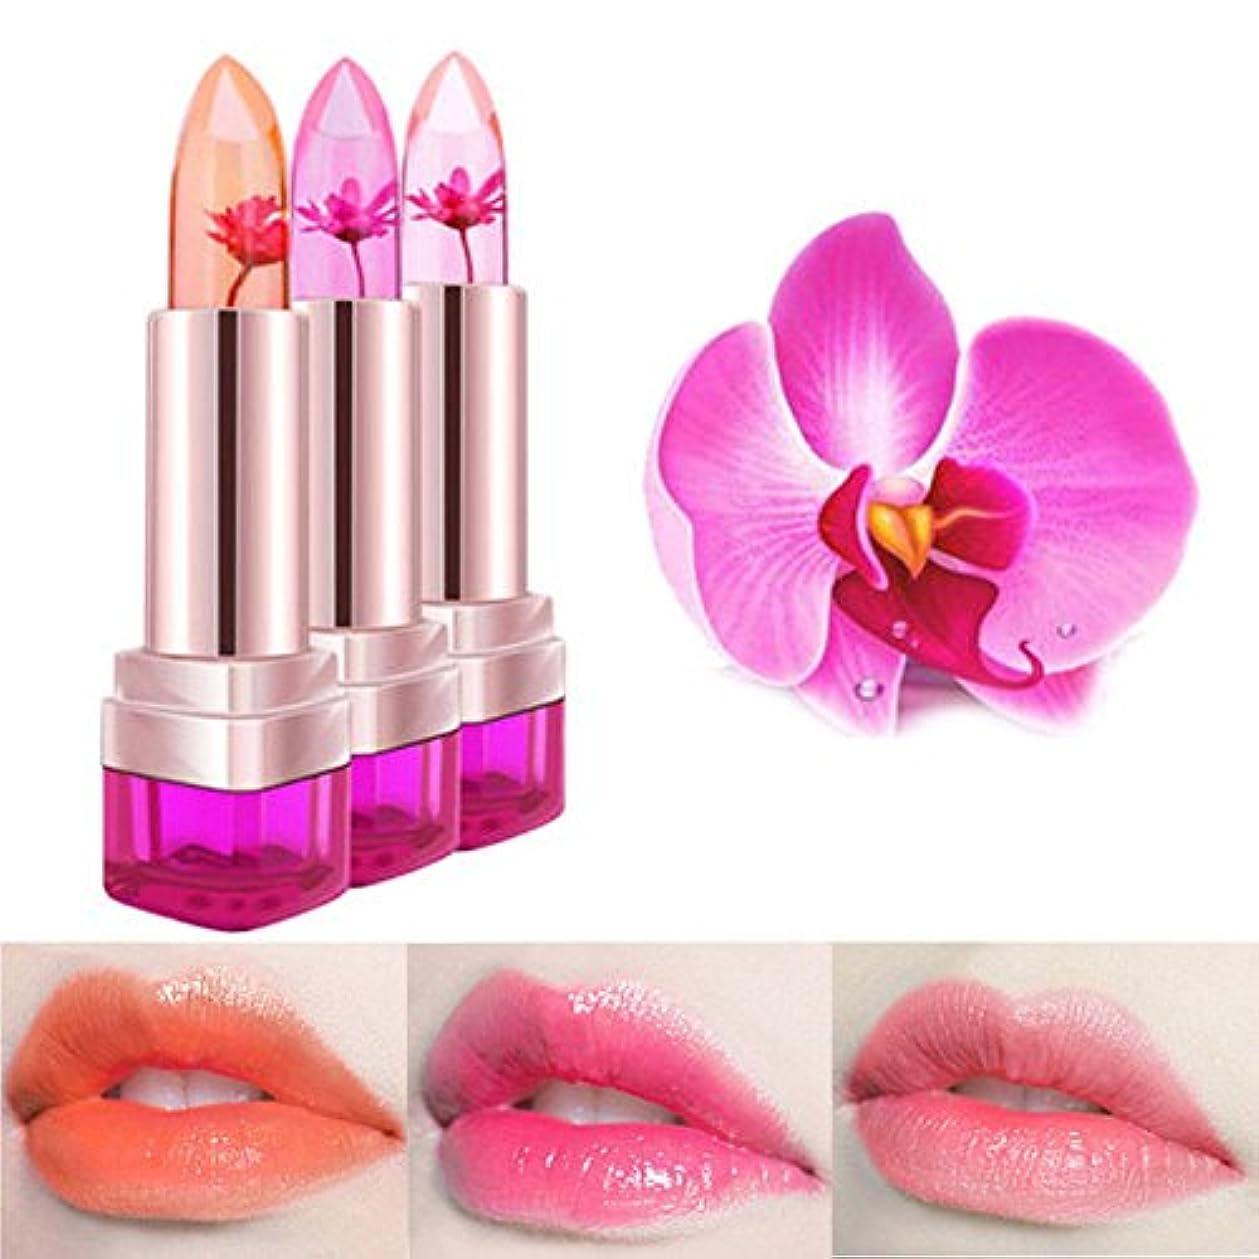 ミシン宝メロンToygogo 長続きがする唇の光沢の美を変える3pc魔法のゼリーの花の口紅色 - 04, ワンサイズ